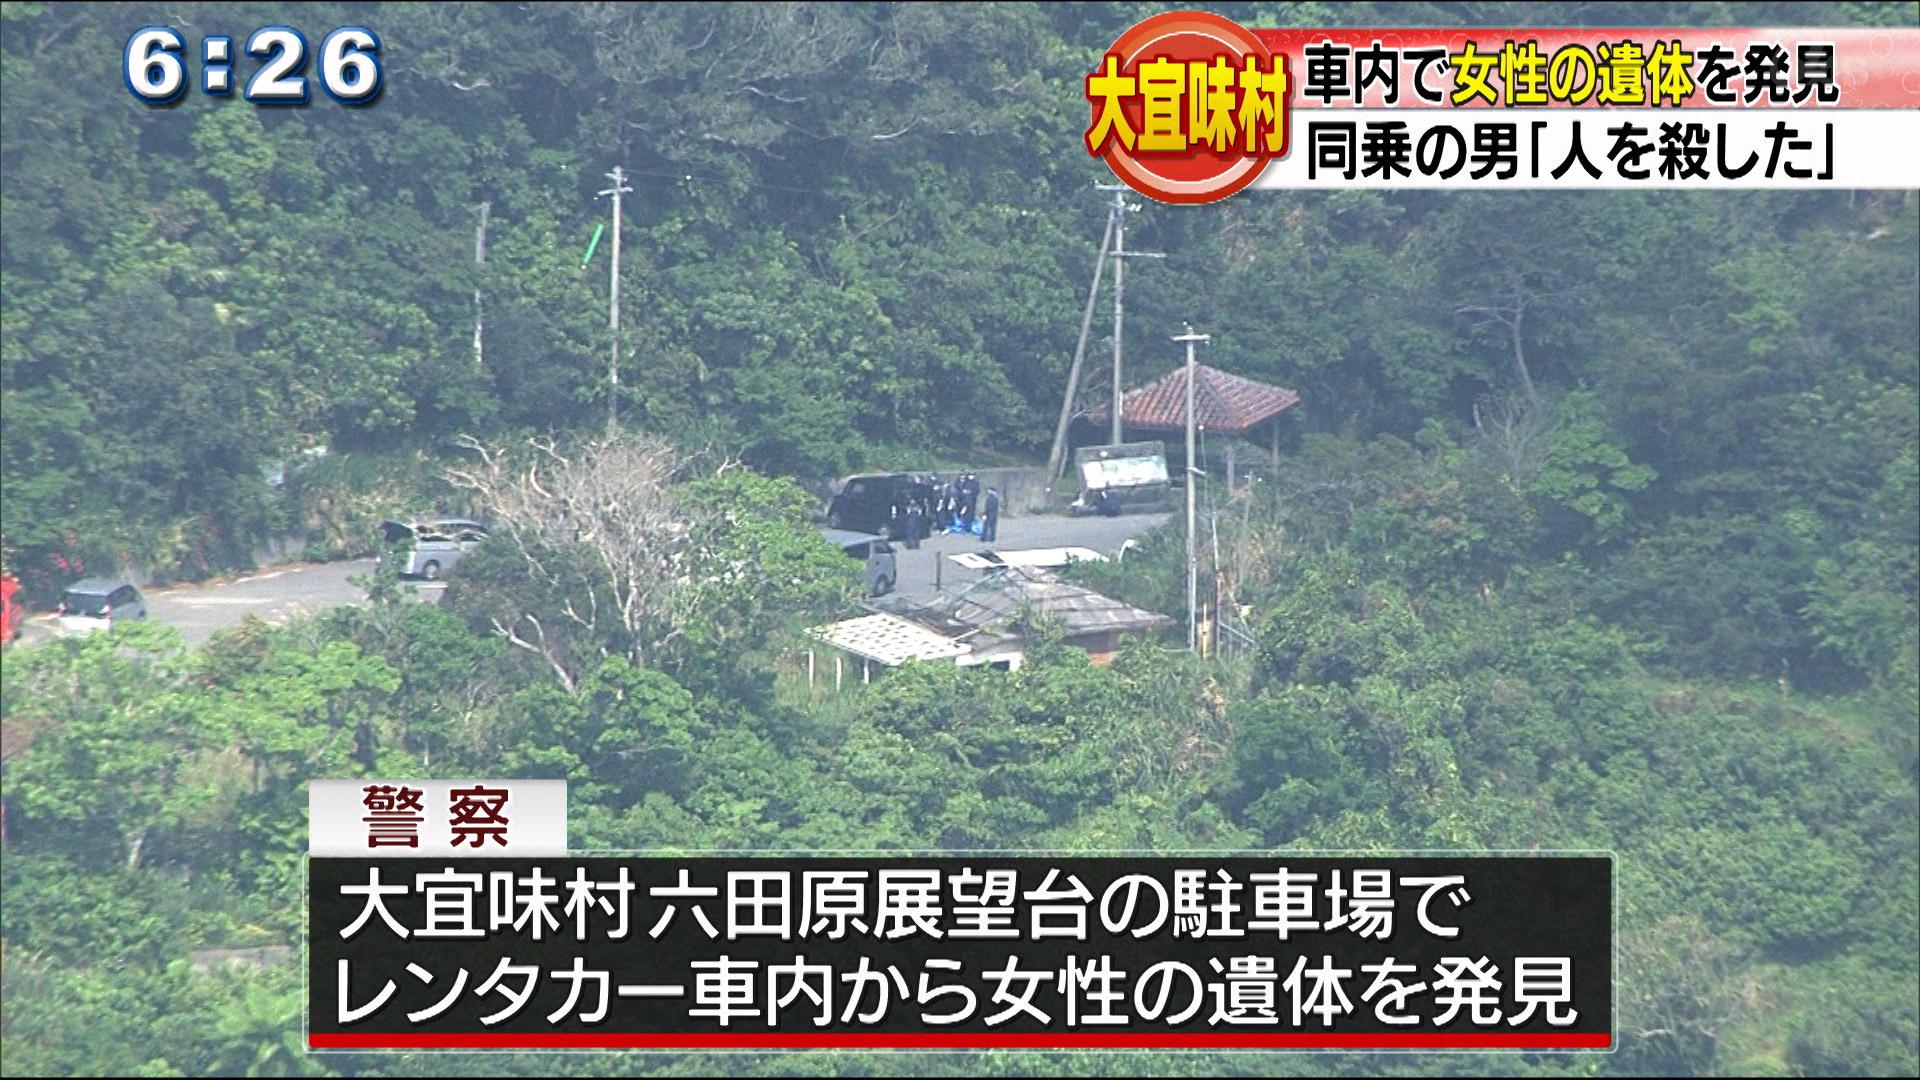 大宜味村 レンタカー車内から女性遺体